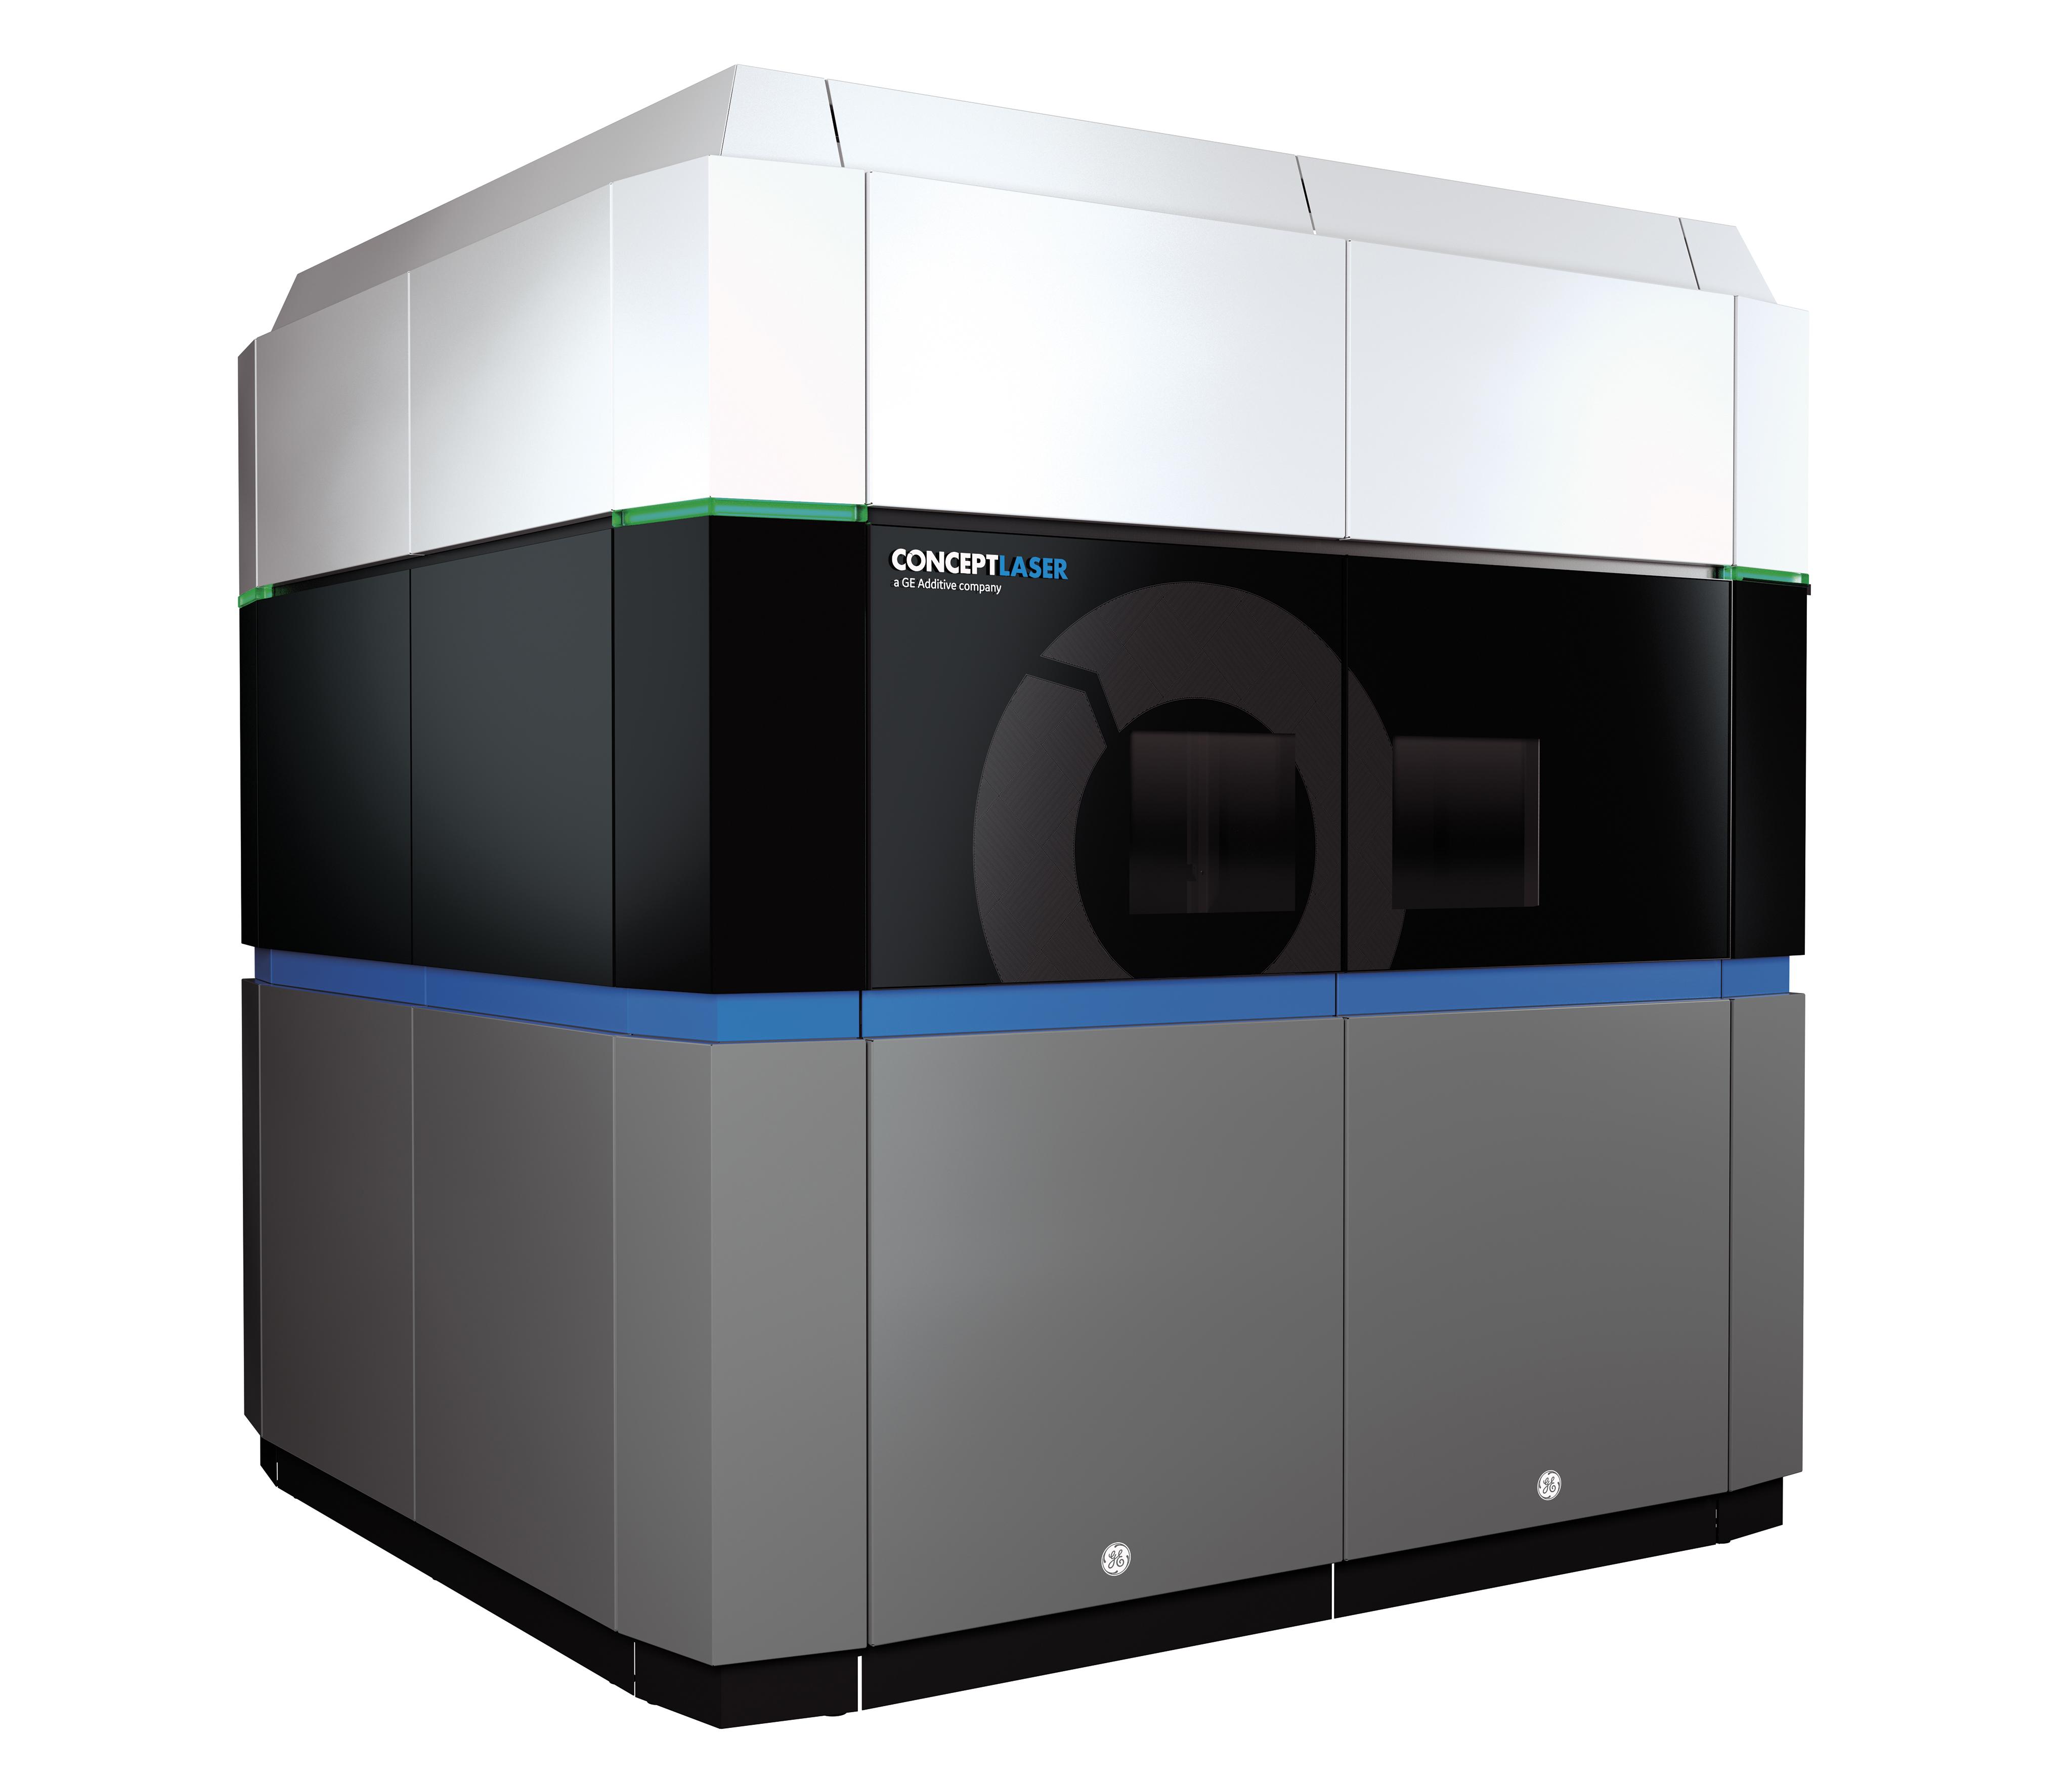 GE additive atlas 3d printer 3d drucker metall1 - GE Additive stellt erste Version seines Metall-3D-Druckers ATLAS auf Formnext vor